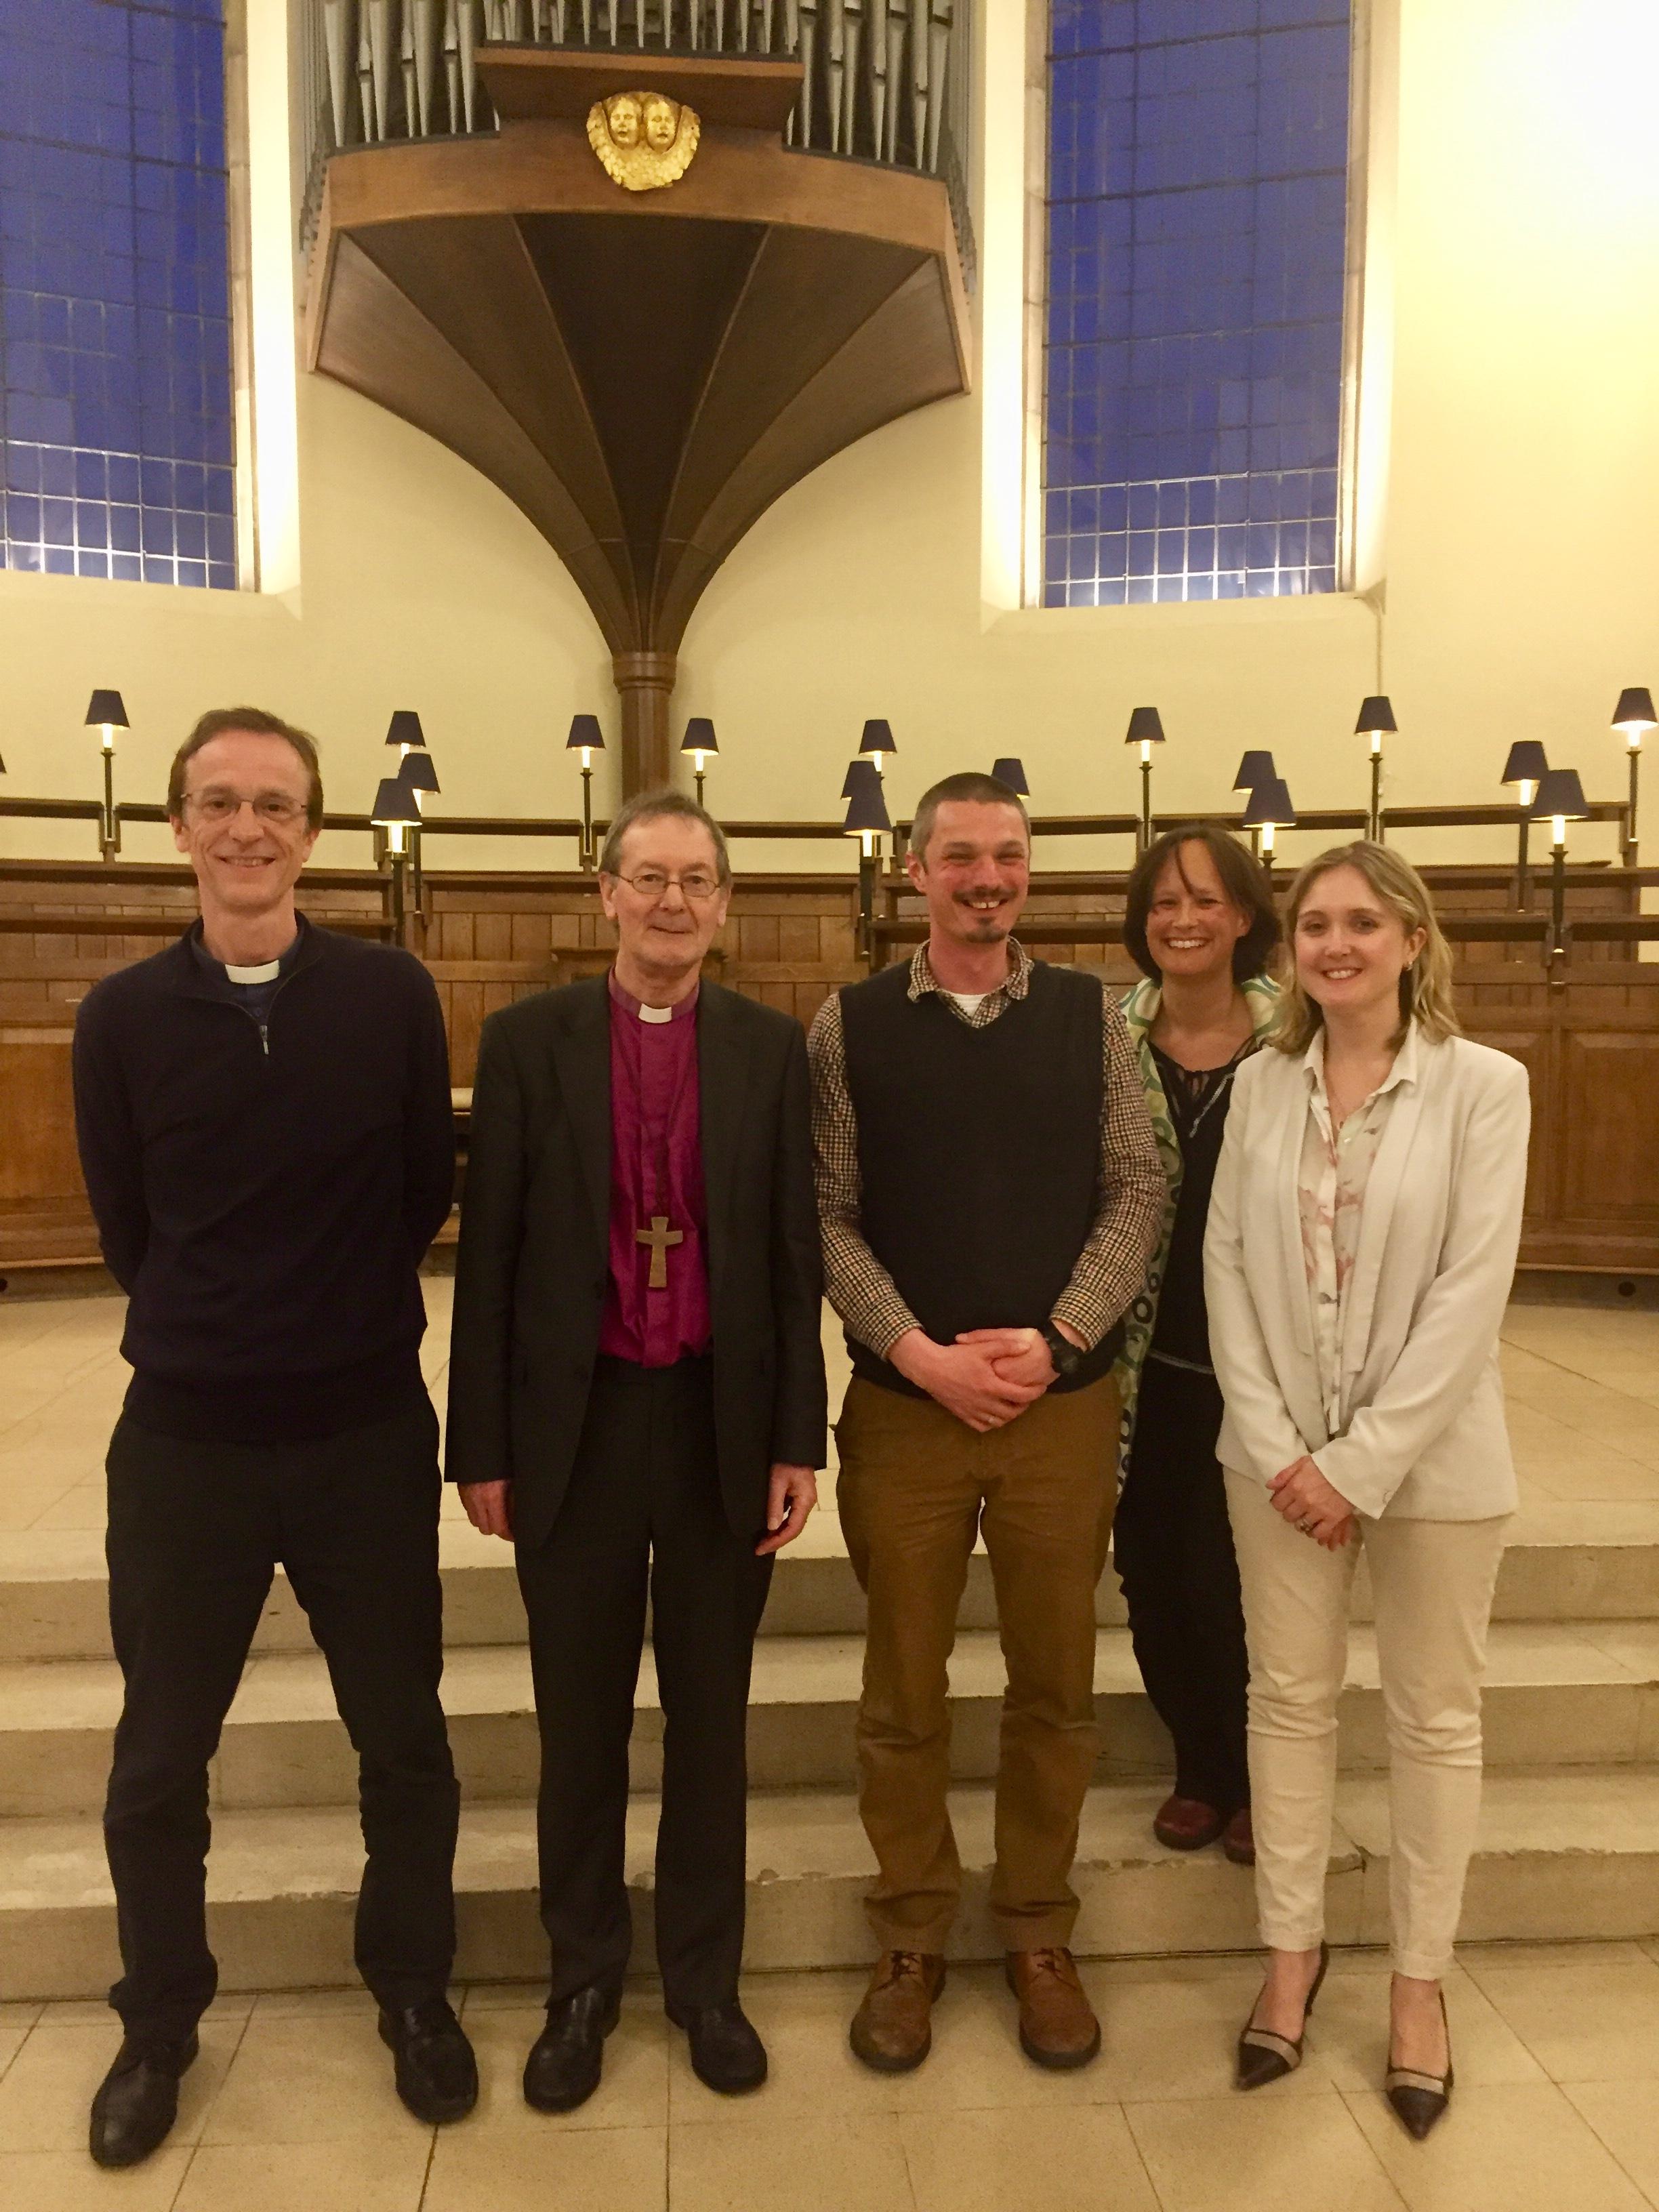 The team (l-r): Revd Liam O'Boyle (S&N), Bishop Alastair (Derby), James Henderson (Lichfield), Alison Gardner (S&N), Pippa Rowen (Derby)